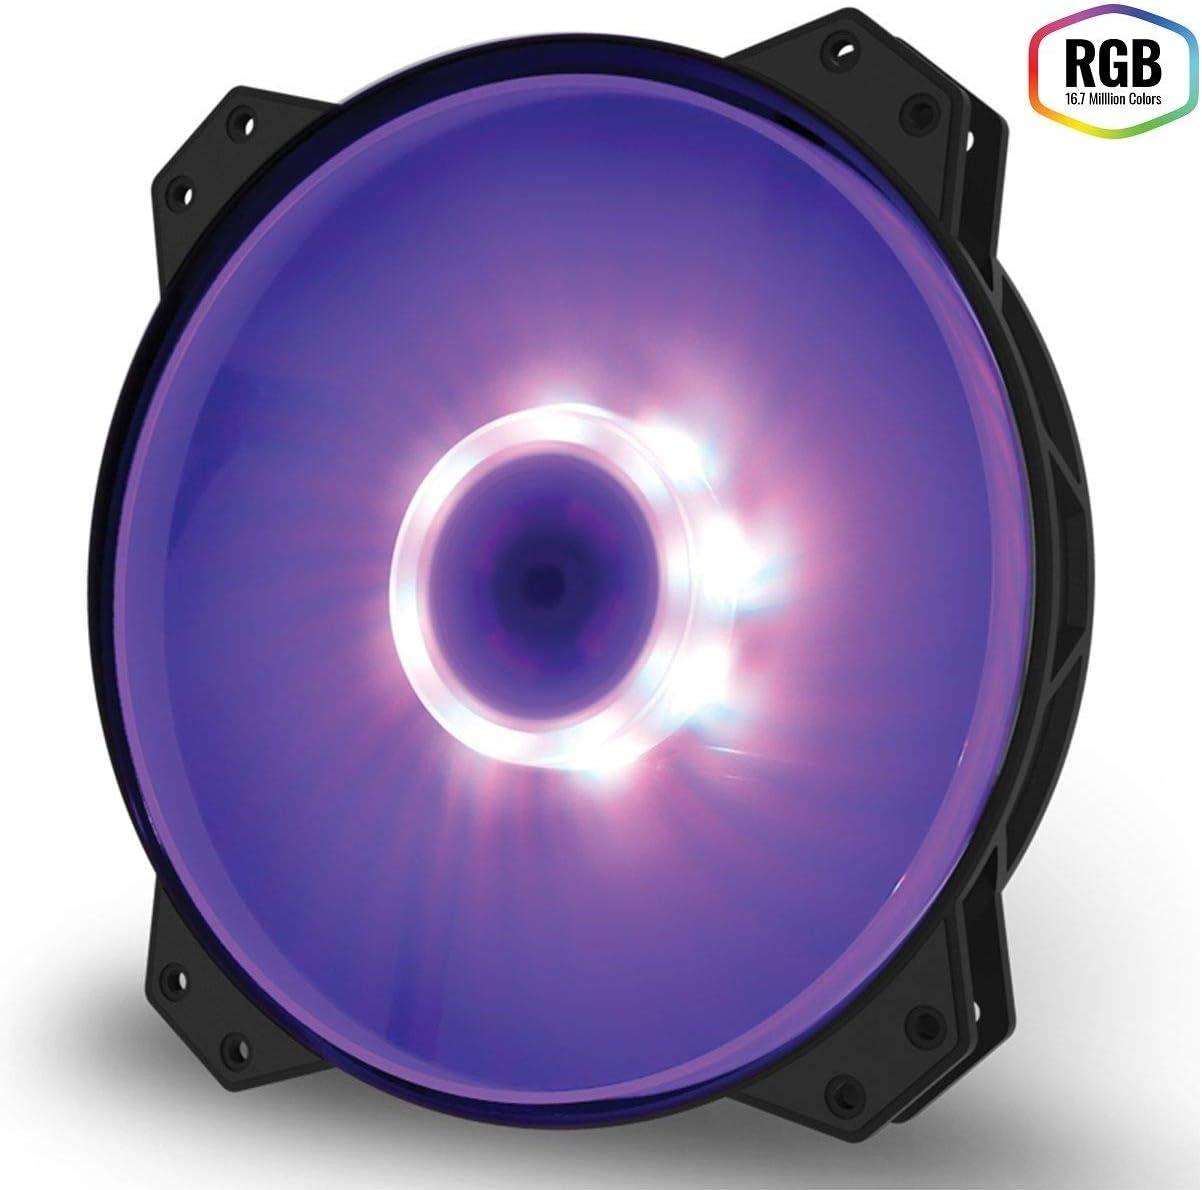 Cooler Master Mf200R RGB - Ventilador de Caja, Color Negro